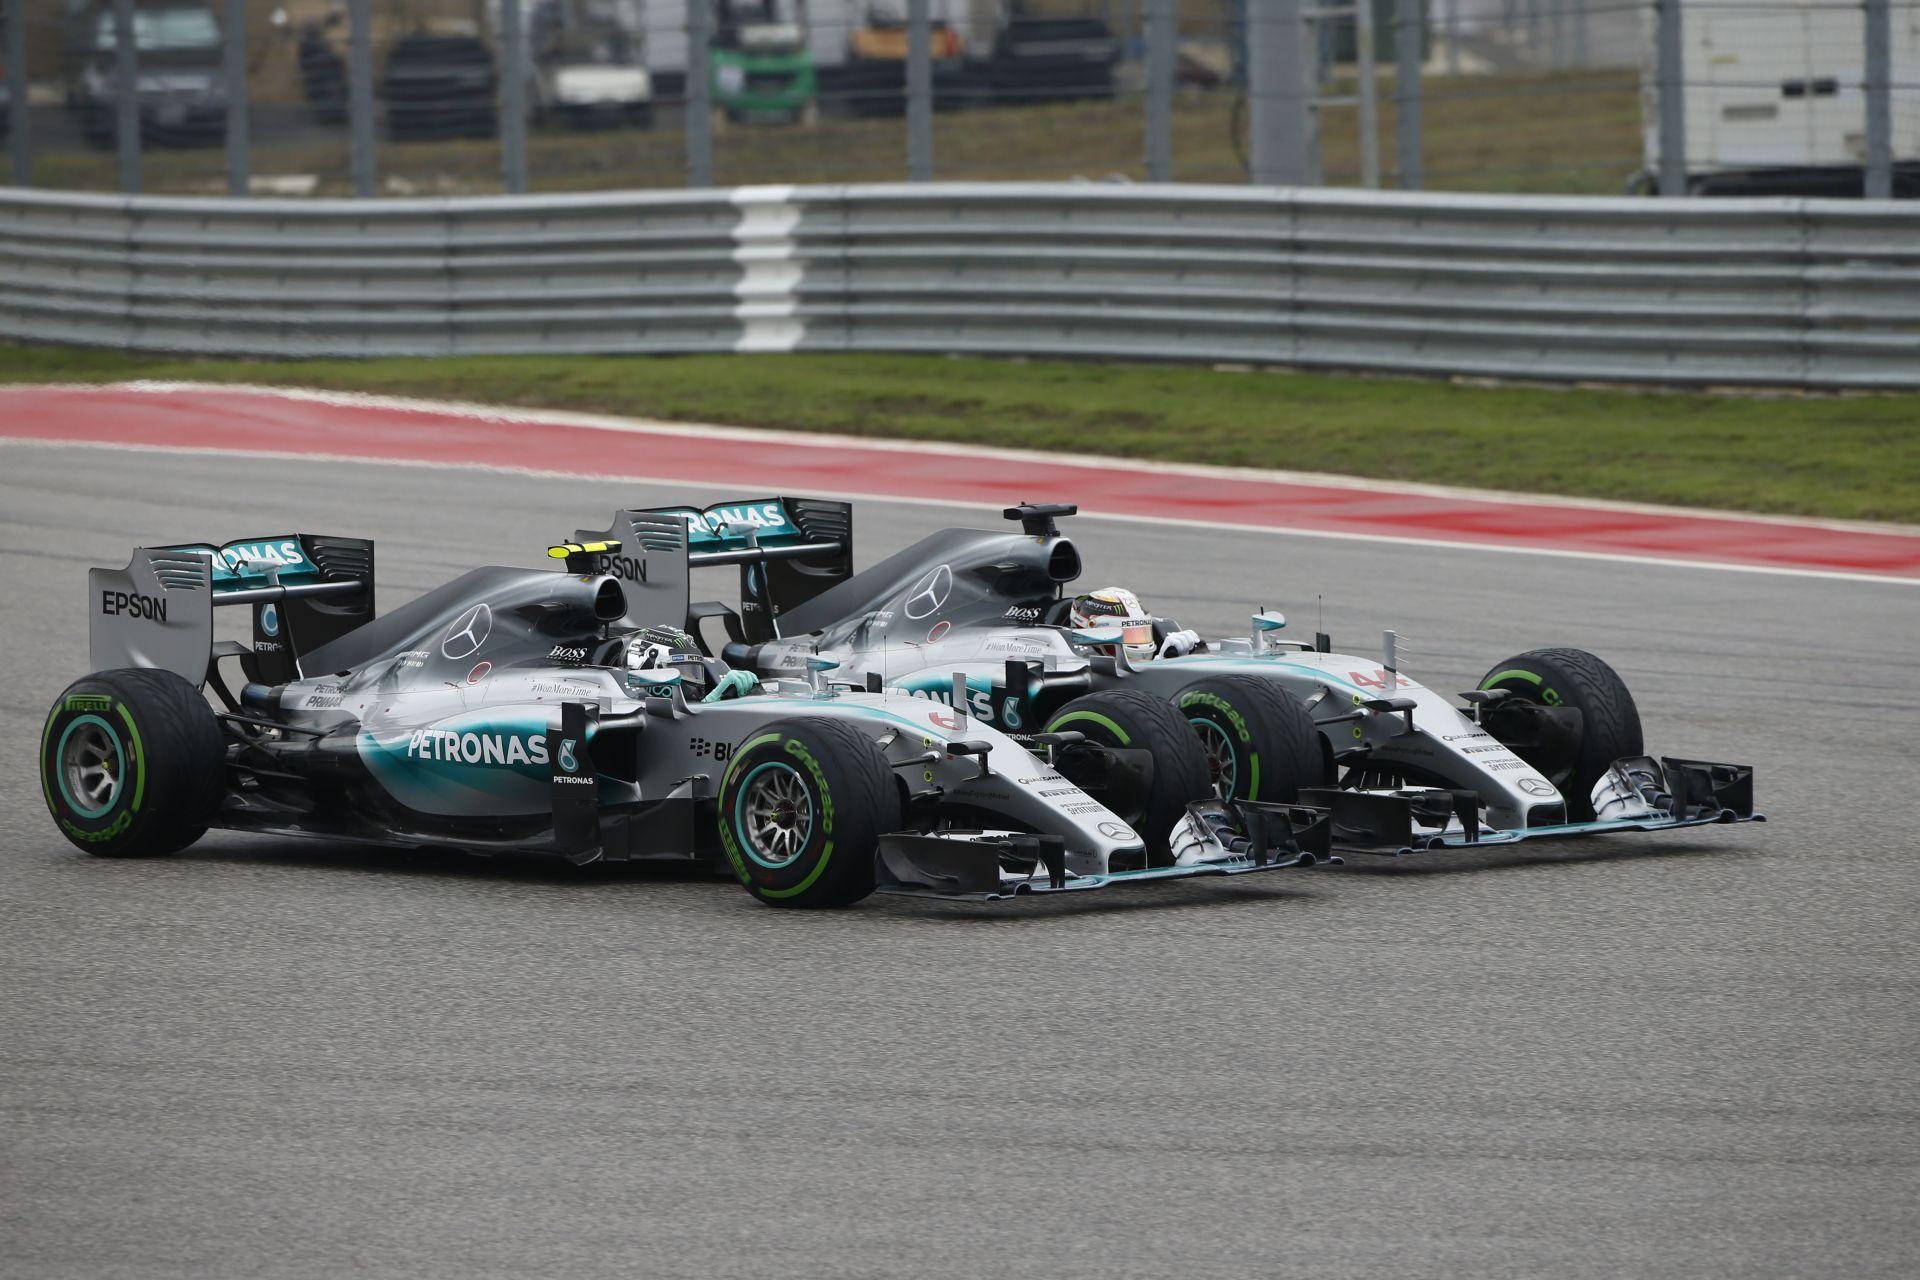 Hamilton: Úgyis megelőztem volna Rosberget az első 10 körben, nem az első kanyaron múlt!